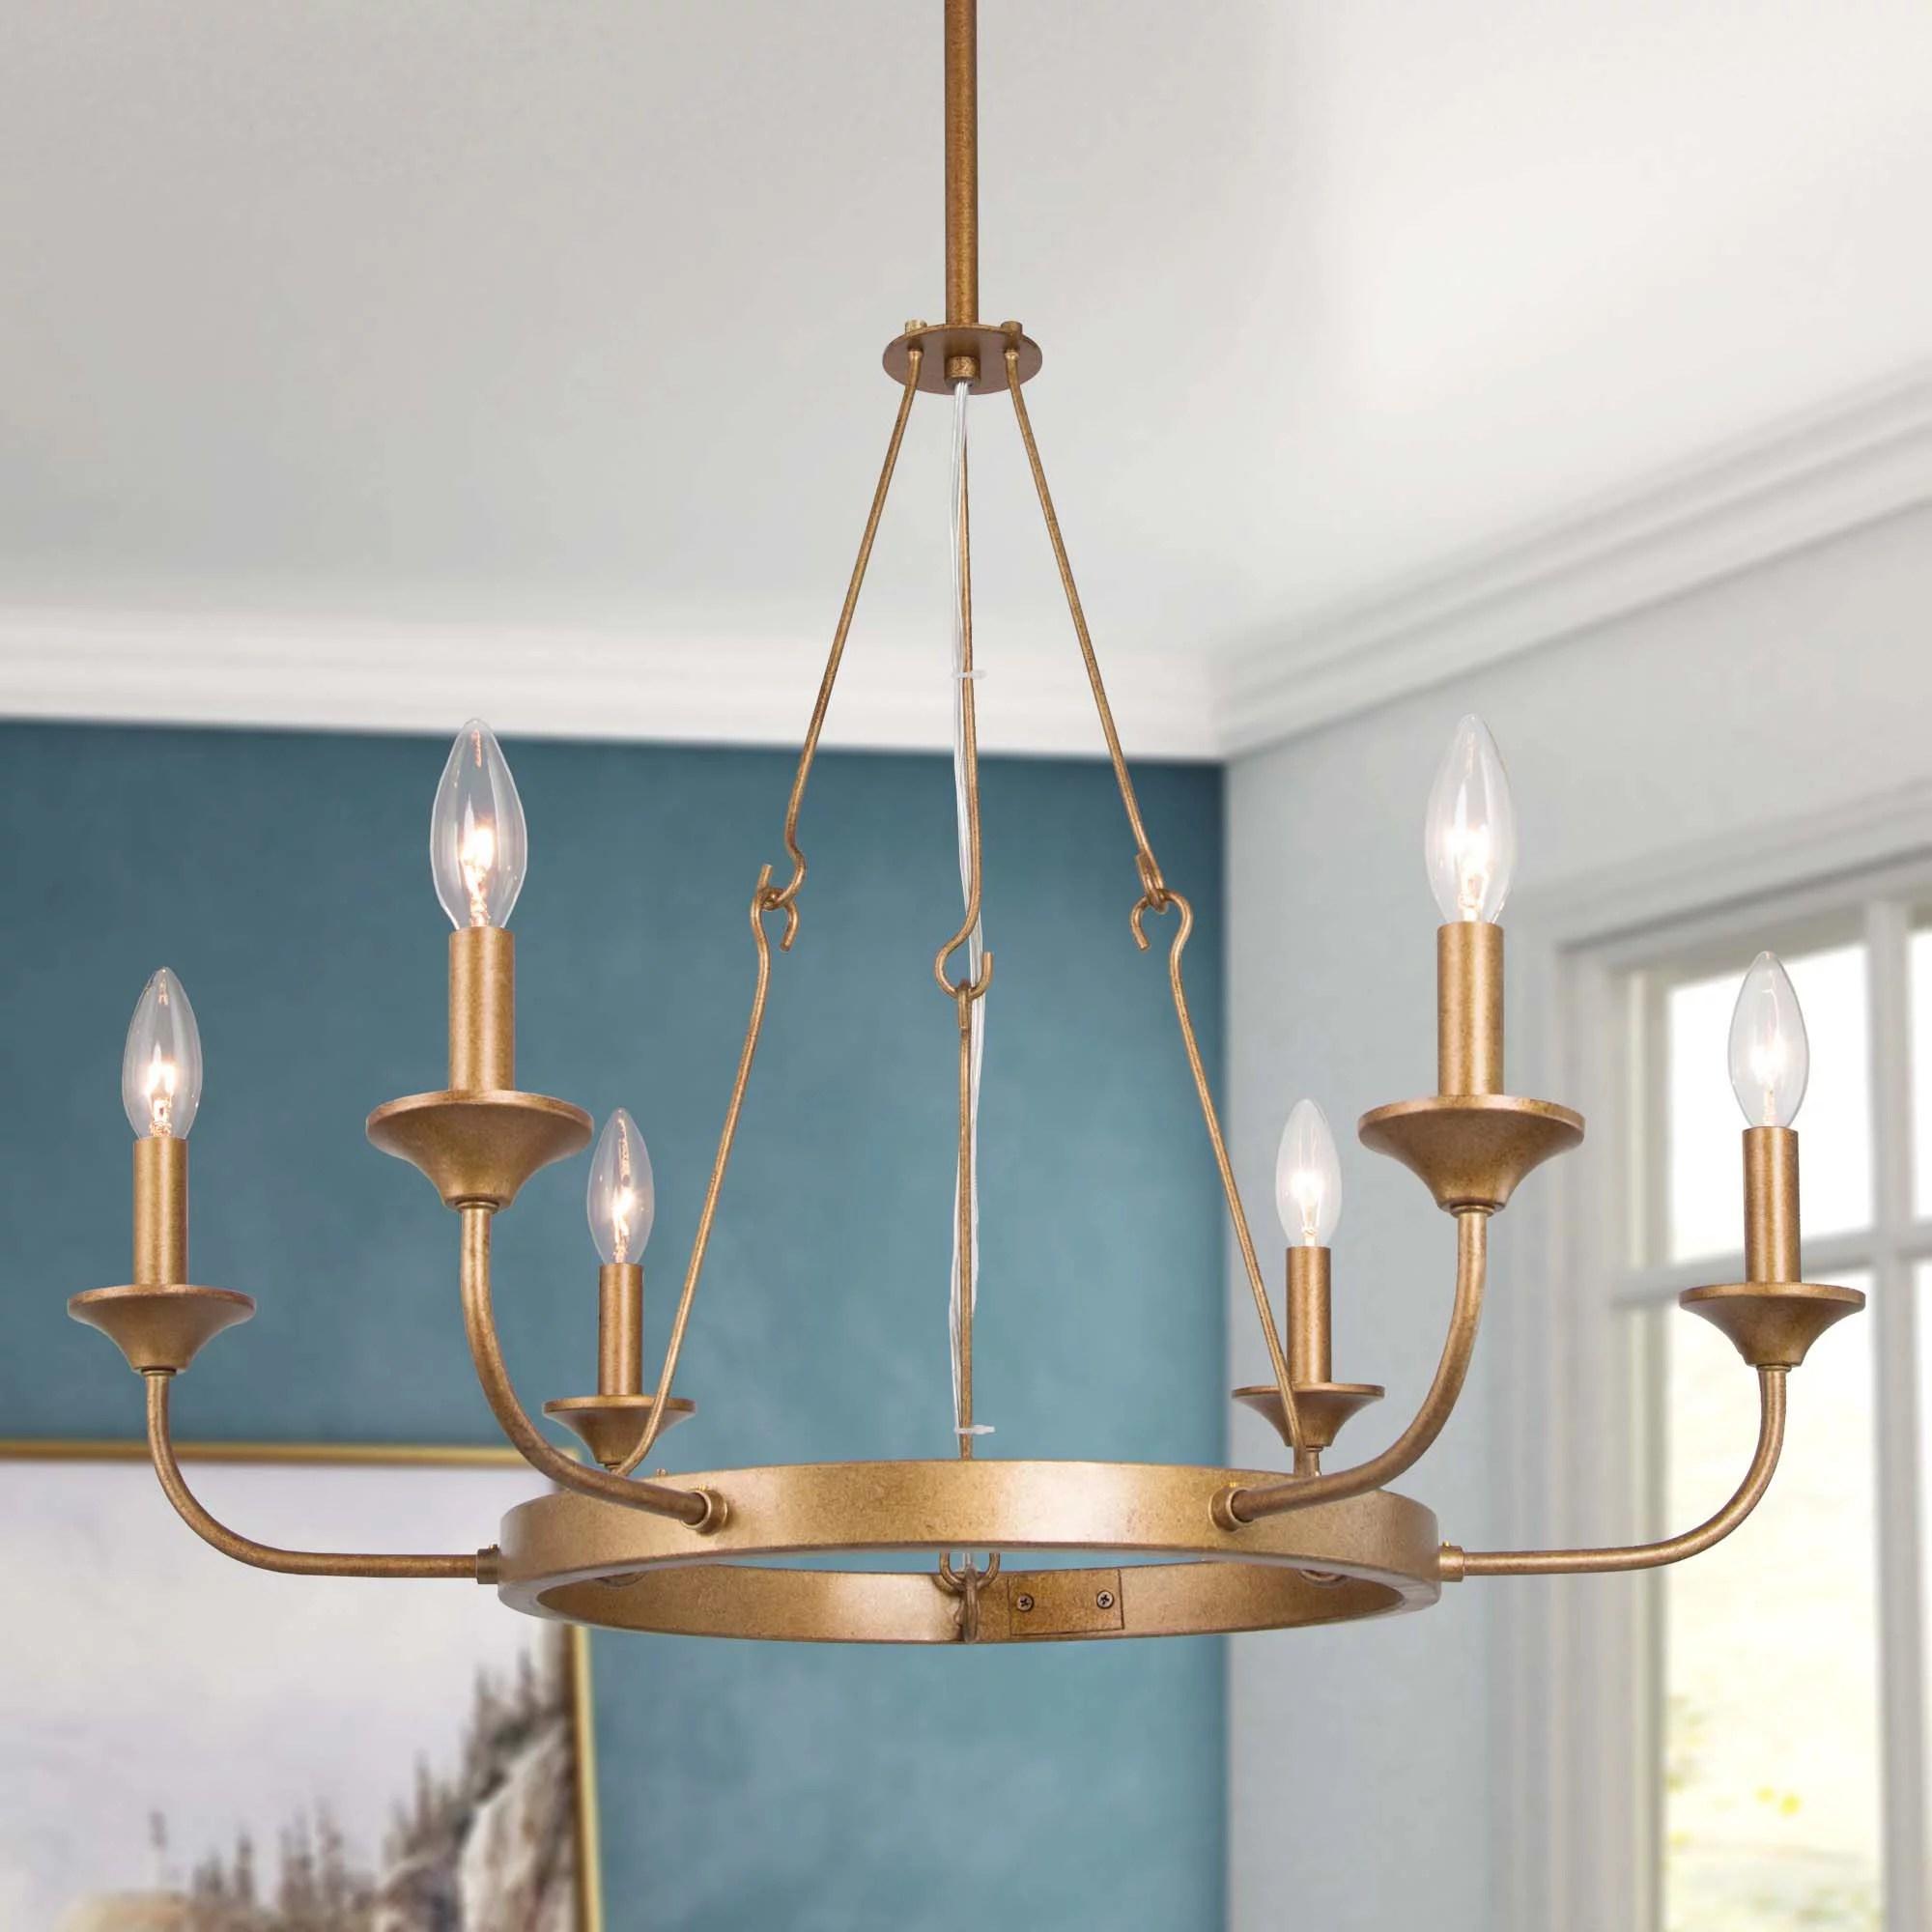 dark golden wagon wheel chandelier modern circular living room lighting fixtures 6 lights walmart com